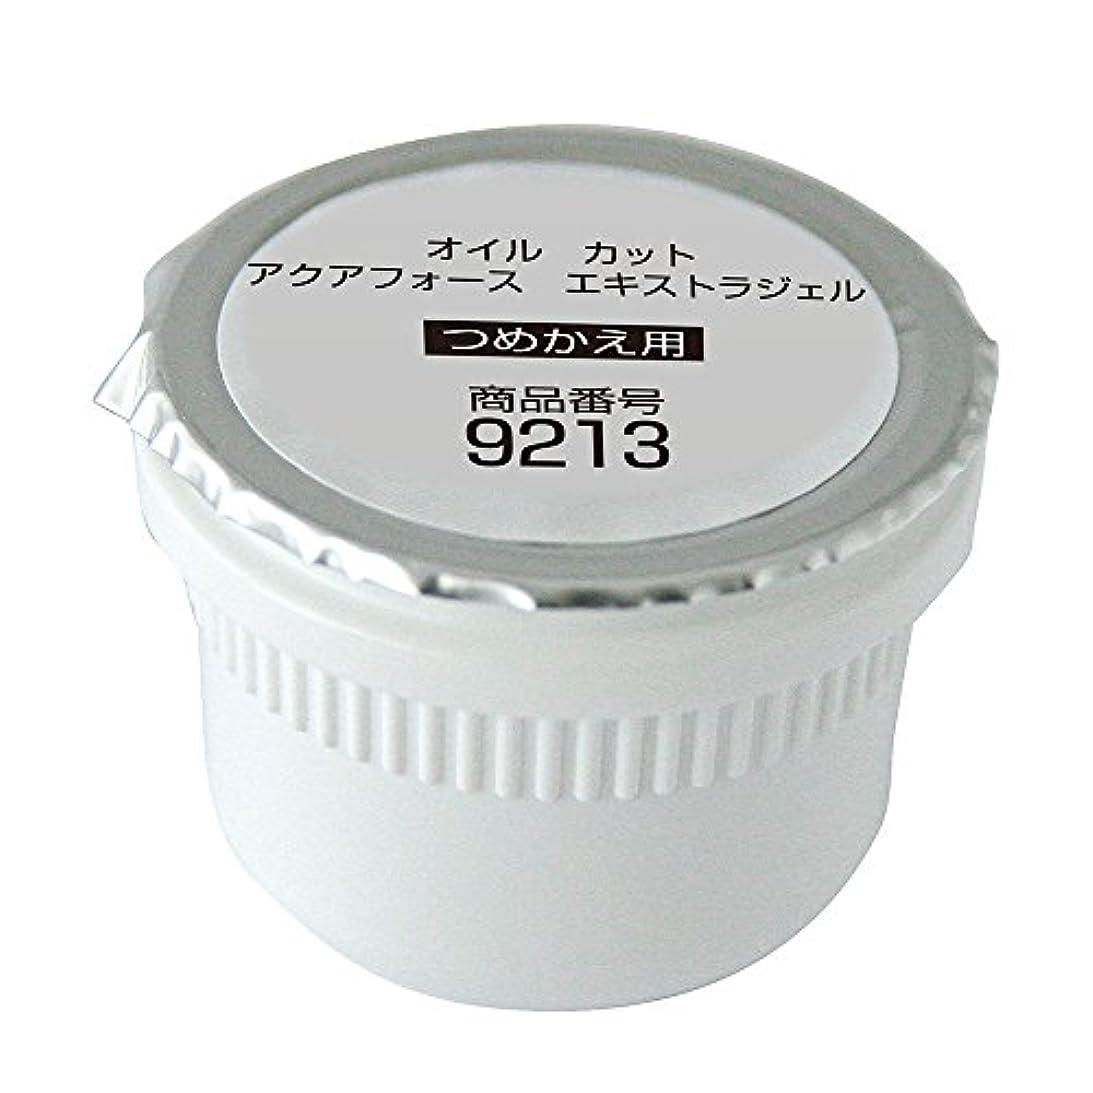 非常にであるつかの間オルビス(ORBIS) アクアフォースエキストラジェル 詰替 30g ◎保湿ジェル◎